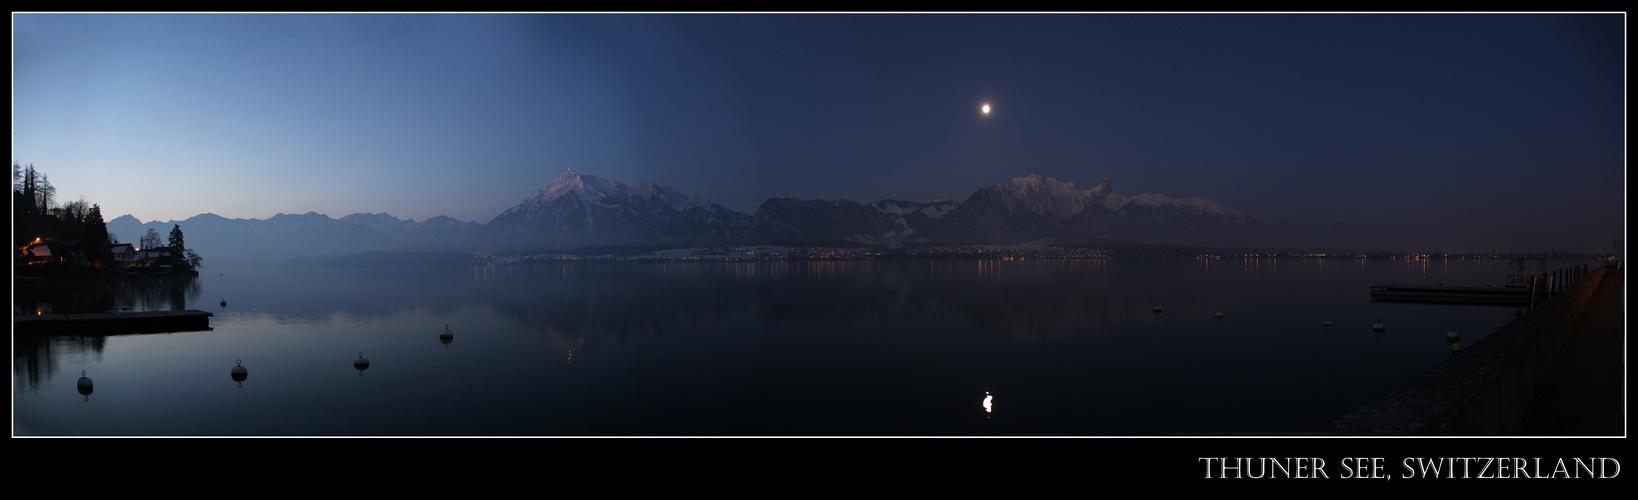 Thuner See, Switzerland